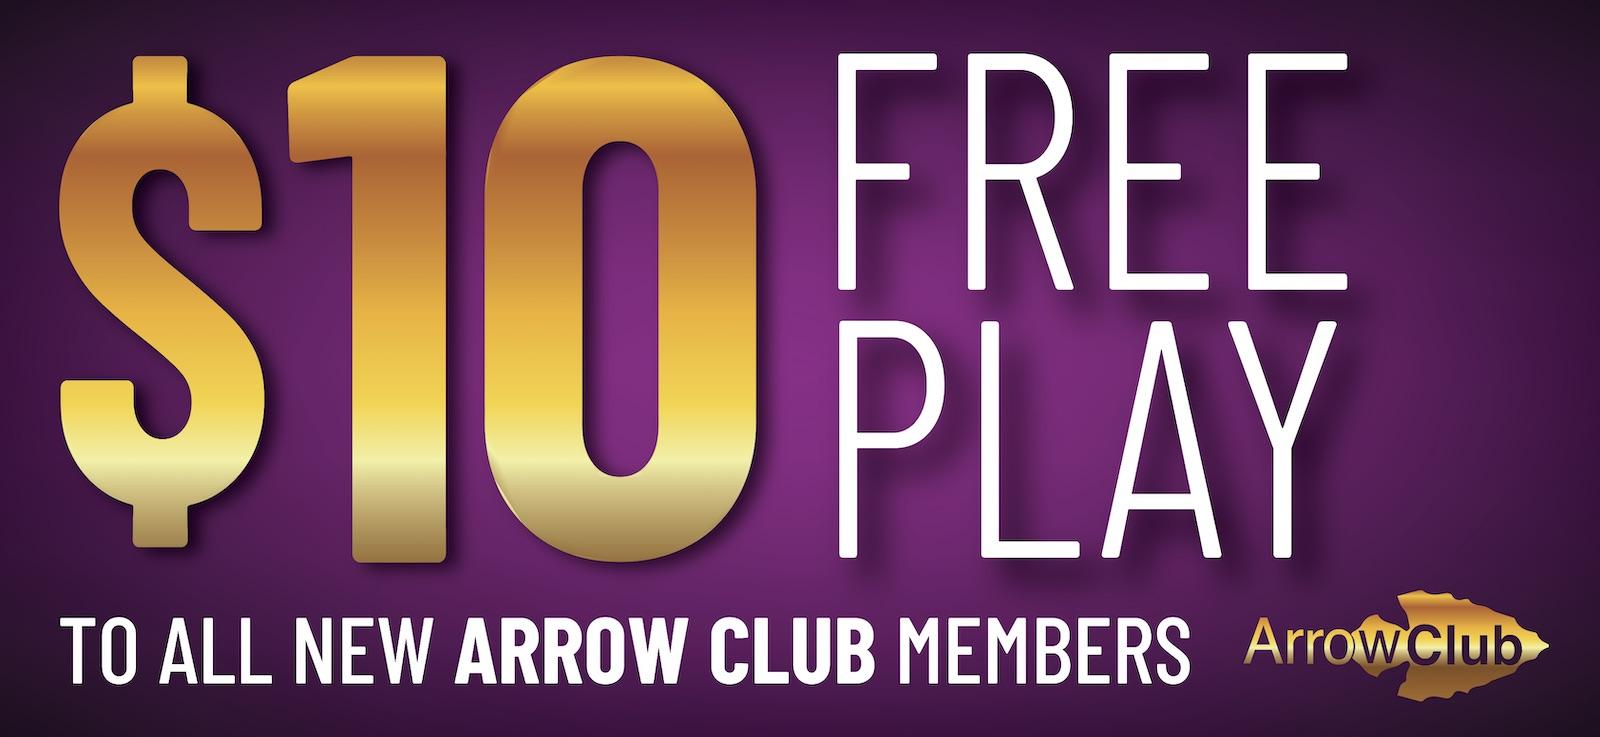 wanaaha casino new member free play